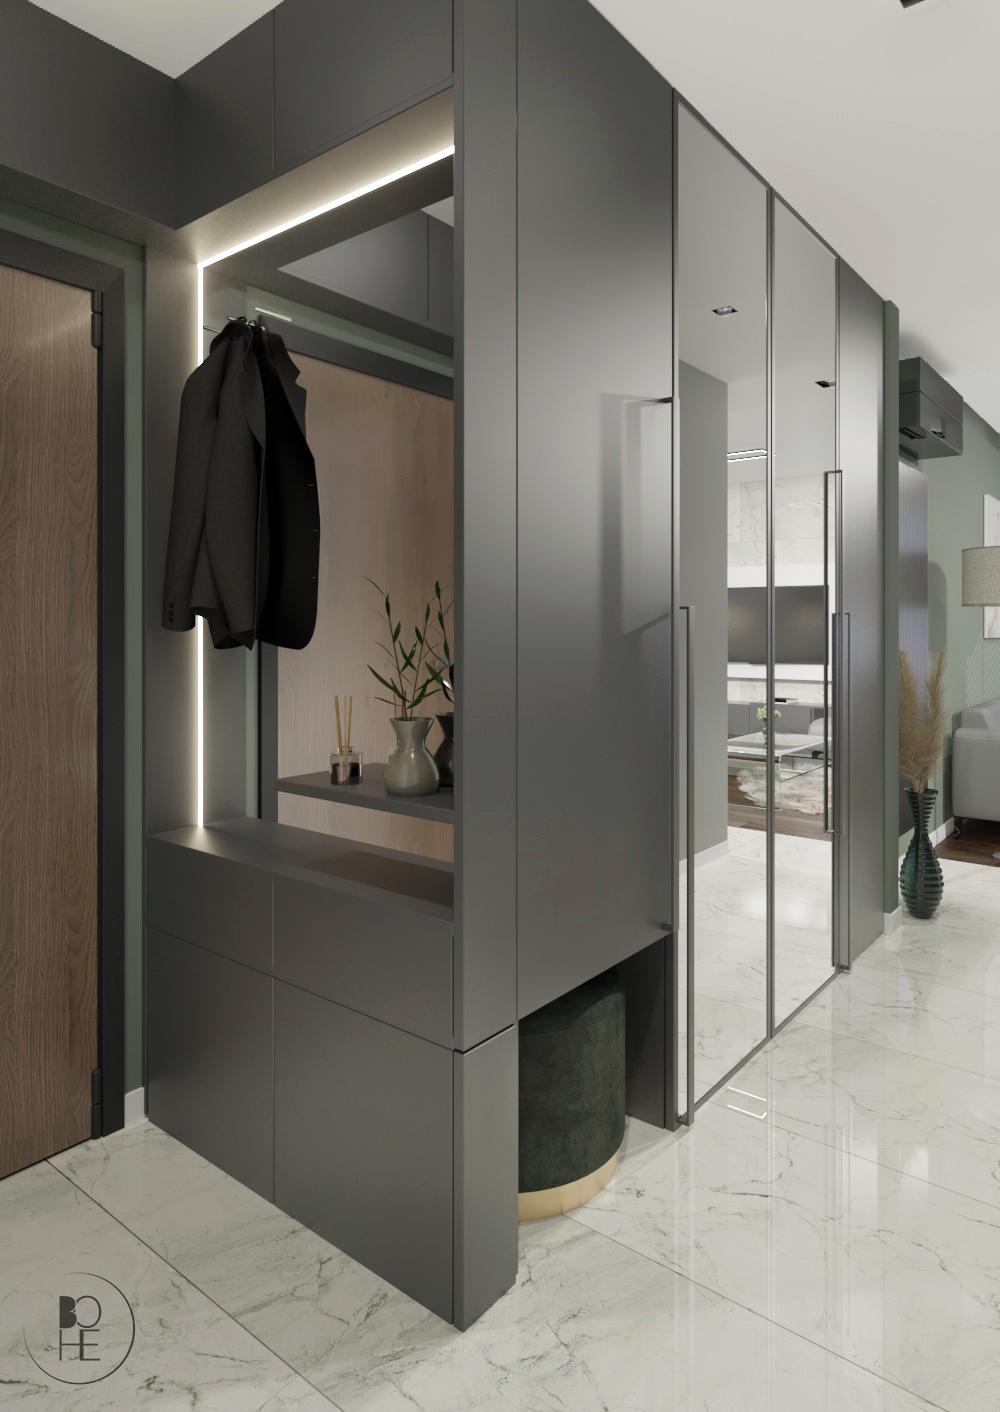 projekt wnętrza korytarza z dużą szafą i lustrami oraz zieloną pufą